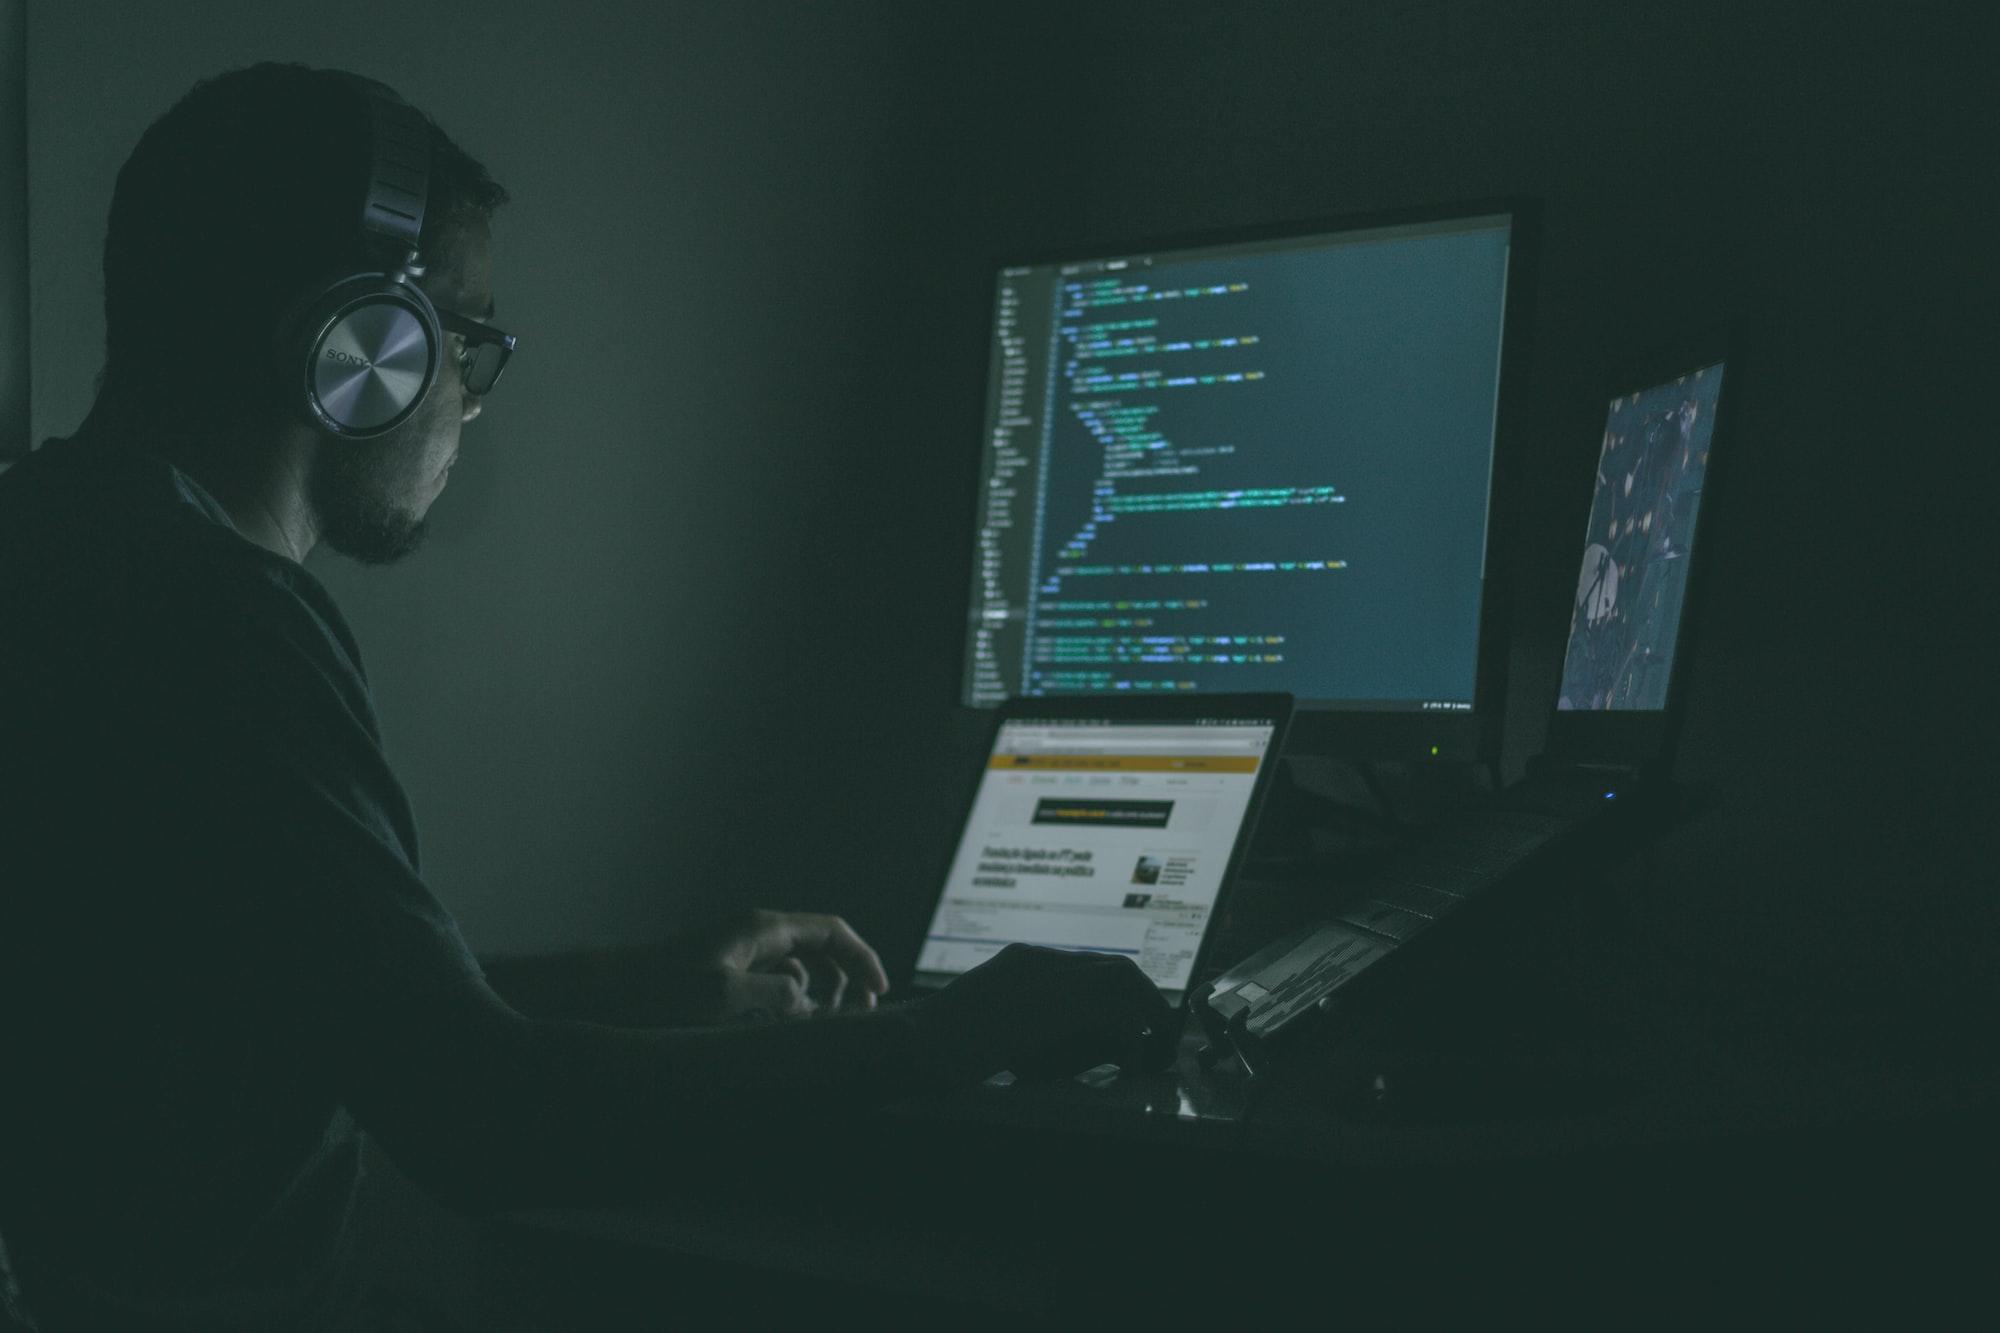 Homem sentado em frente à três telas de computador, com um headphone e óculos, estudando programação em um ambiente escuro.